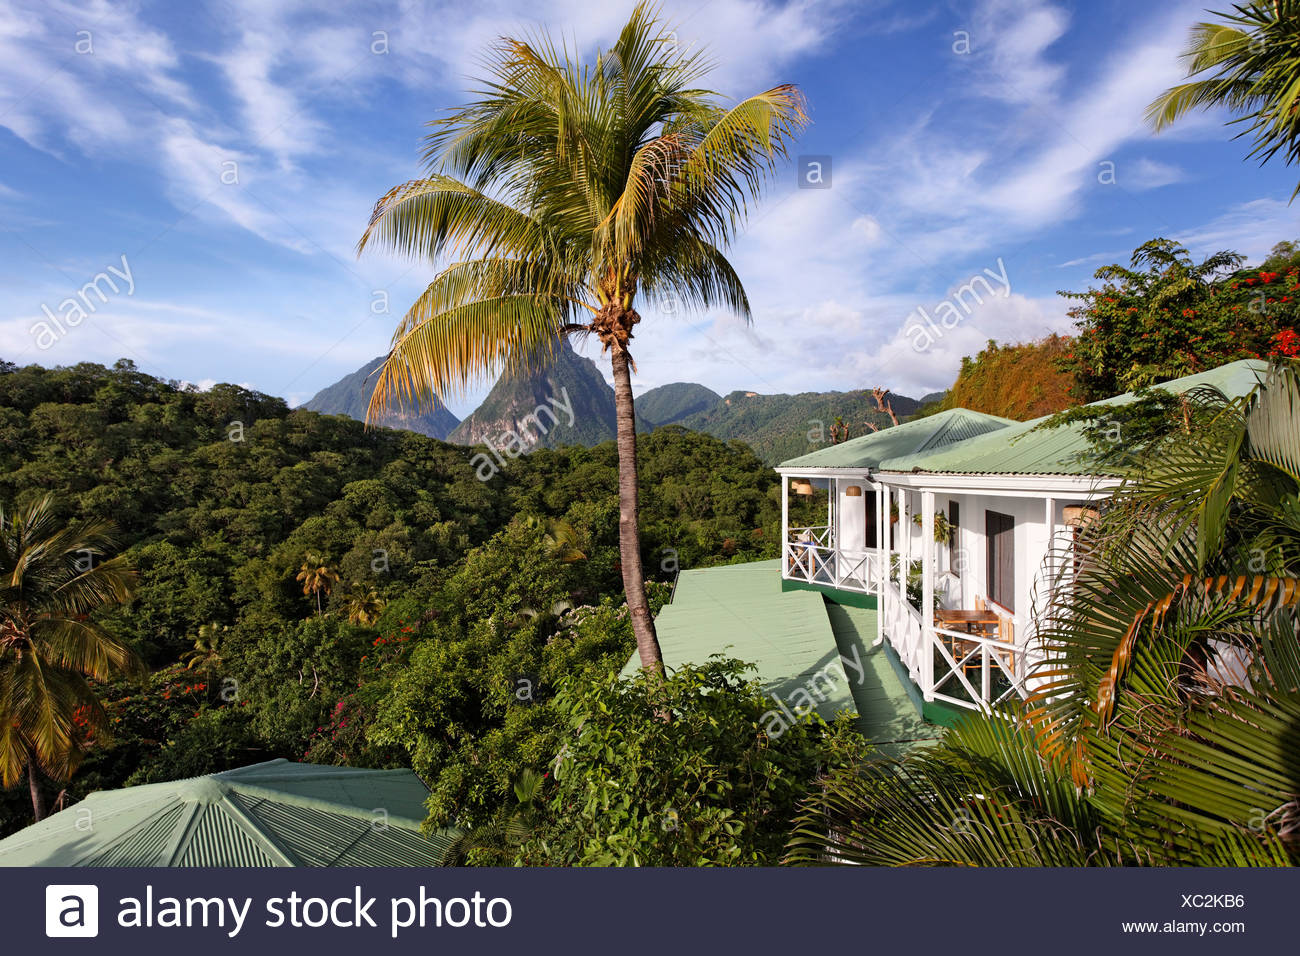 Bungalows, Palmen, Blick auf die Pitons Berge und den Regenwald Luxus Hotel Anse Chastanet Resort, LCA, St. Lucia Stockbild